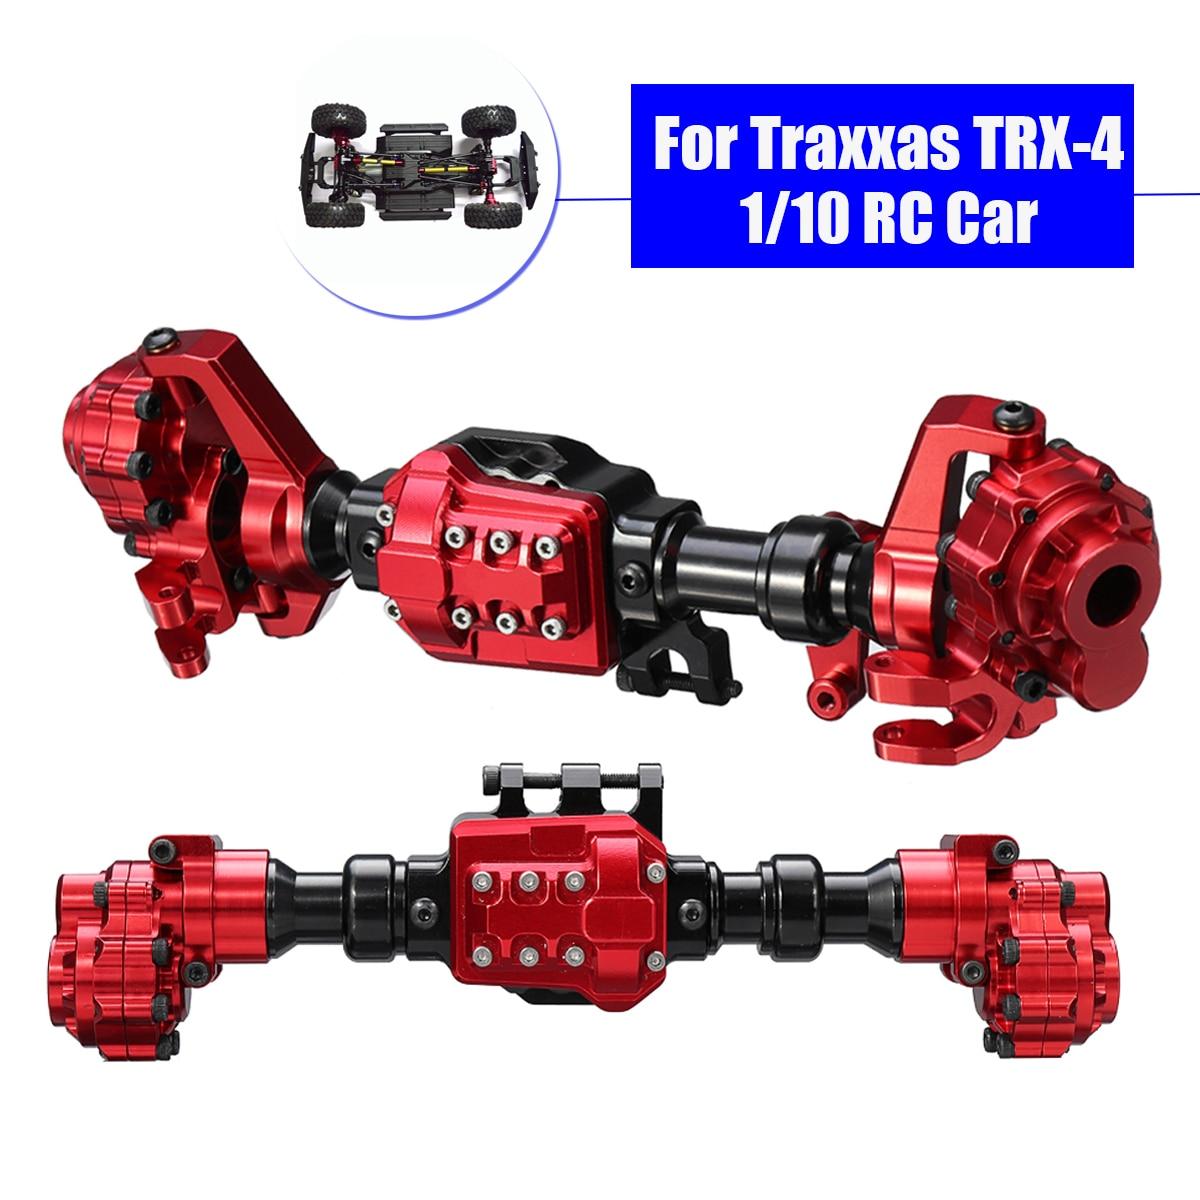 Спереди и сзади портала осей Корпус для Traxxas TRX-4 ЧПУ Алюминий Сплав RC автомобиль гусеничные анодированного поверхность анти ссадина красный